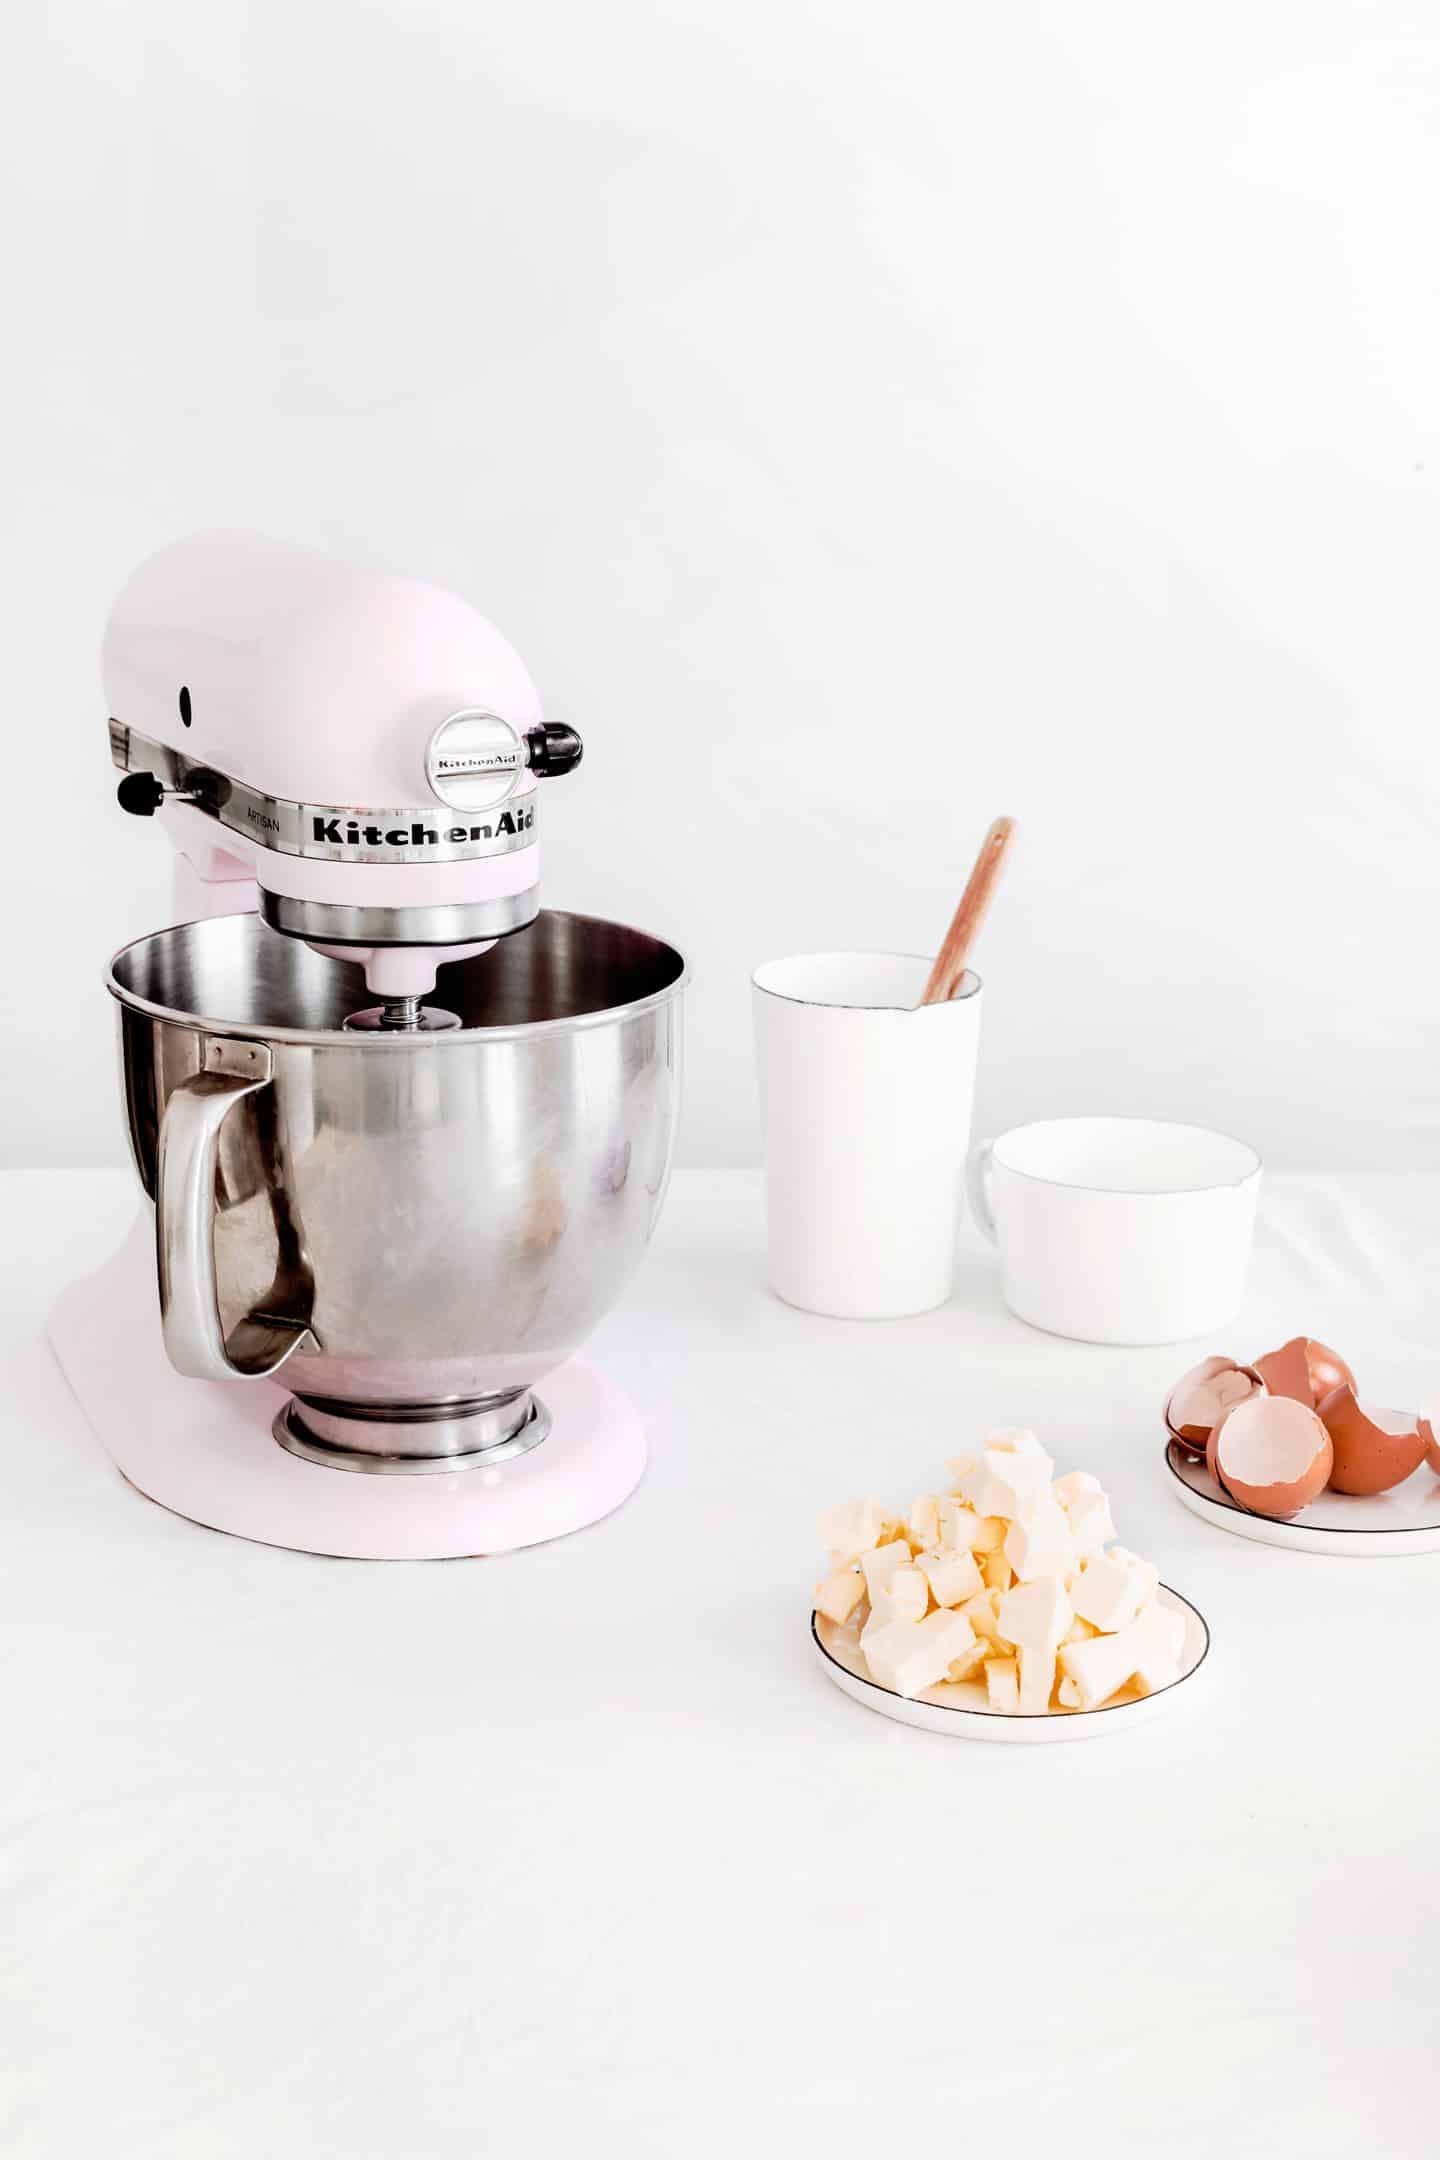 Recette facile du glaçage crème au beurre